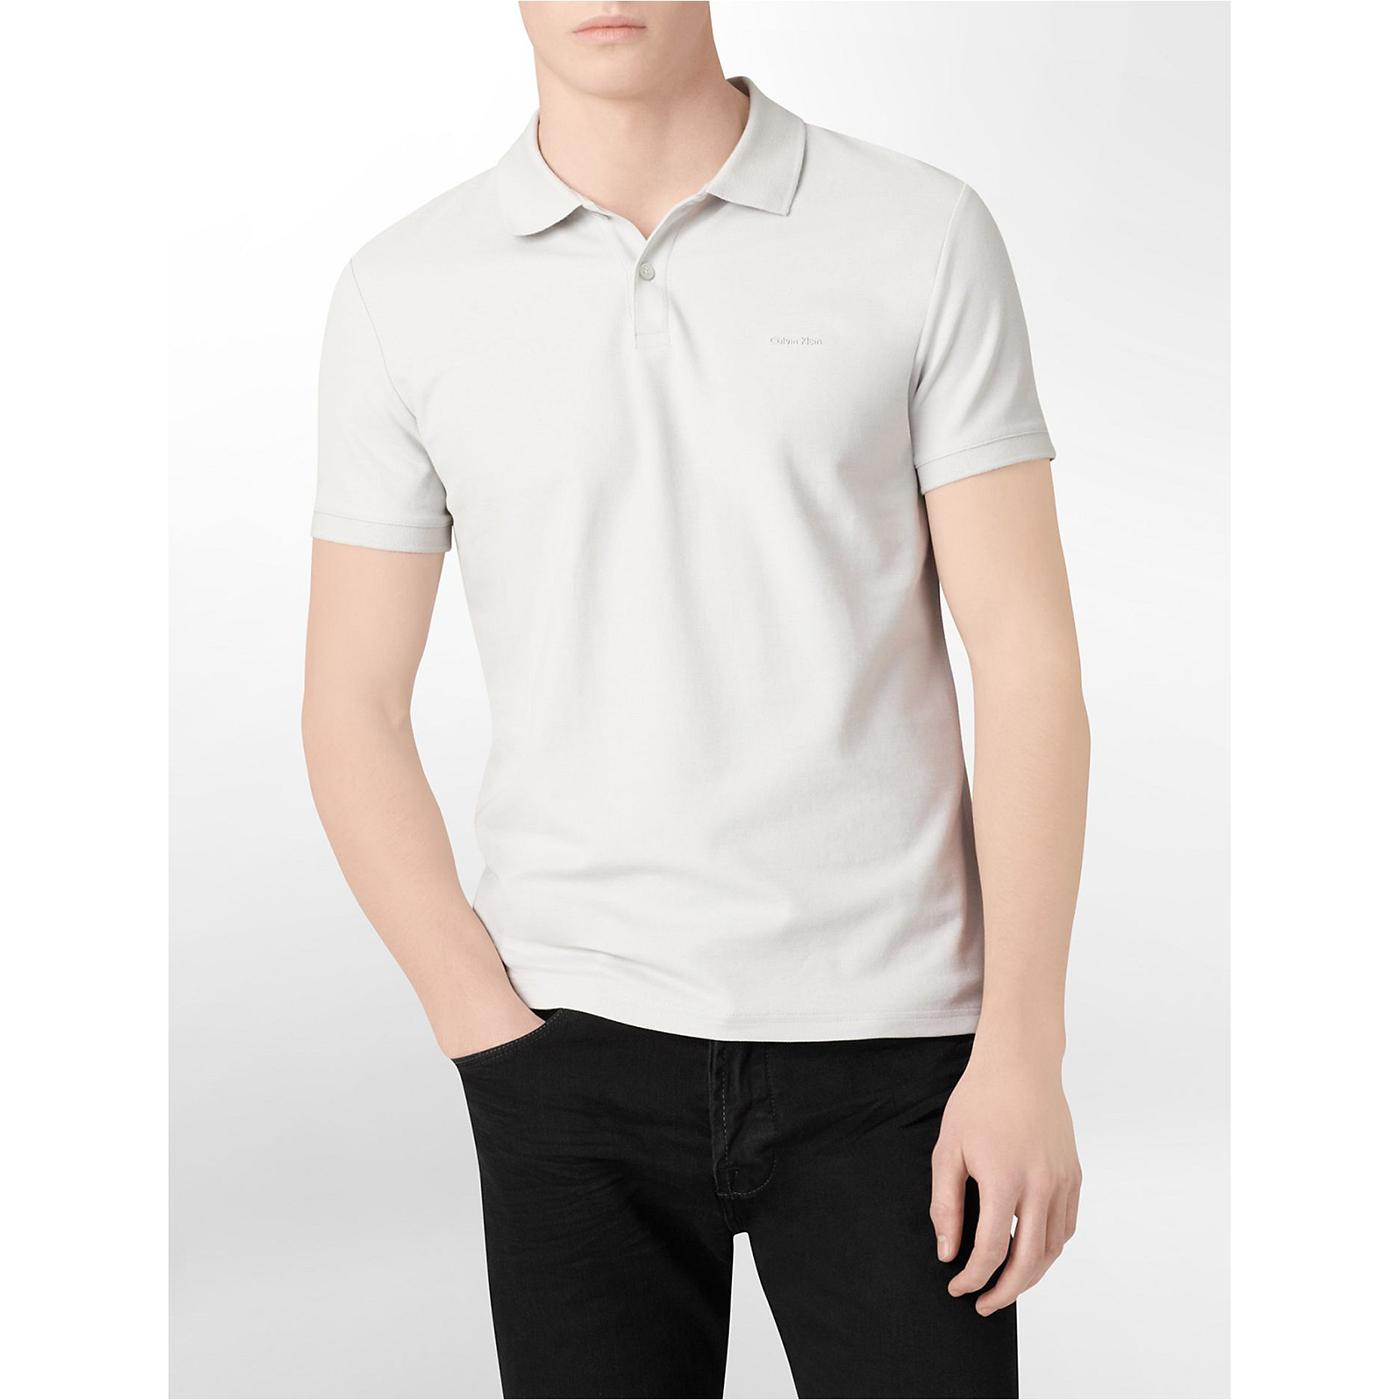 美國百分百【Calvin Klein】Polo衫 CK 短袖 上衣 素面 網眼 棉 logo 灰白 XXS號 A942